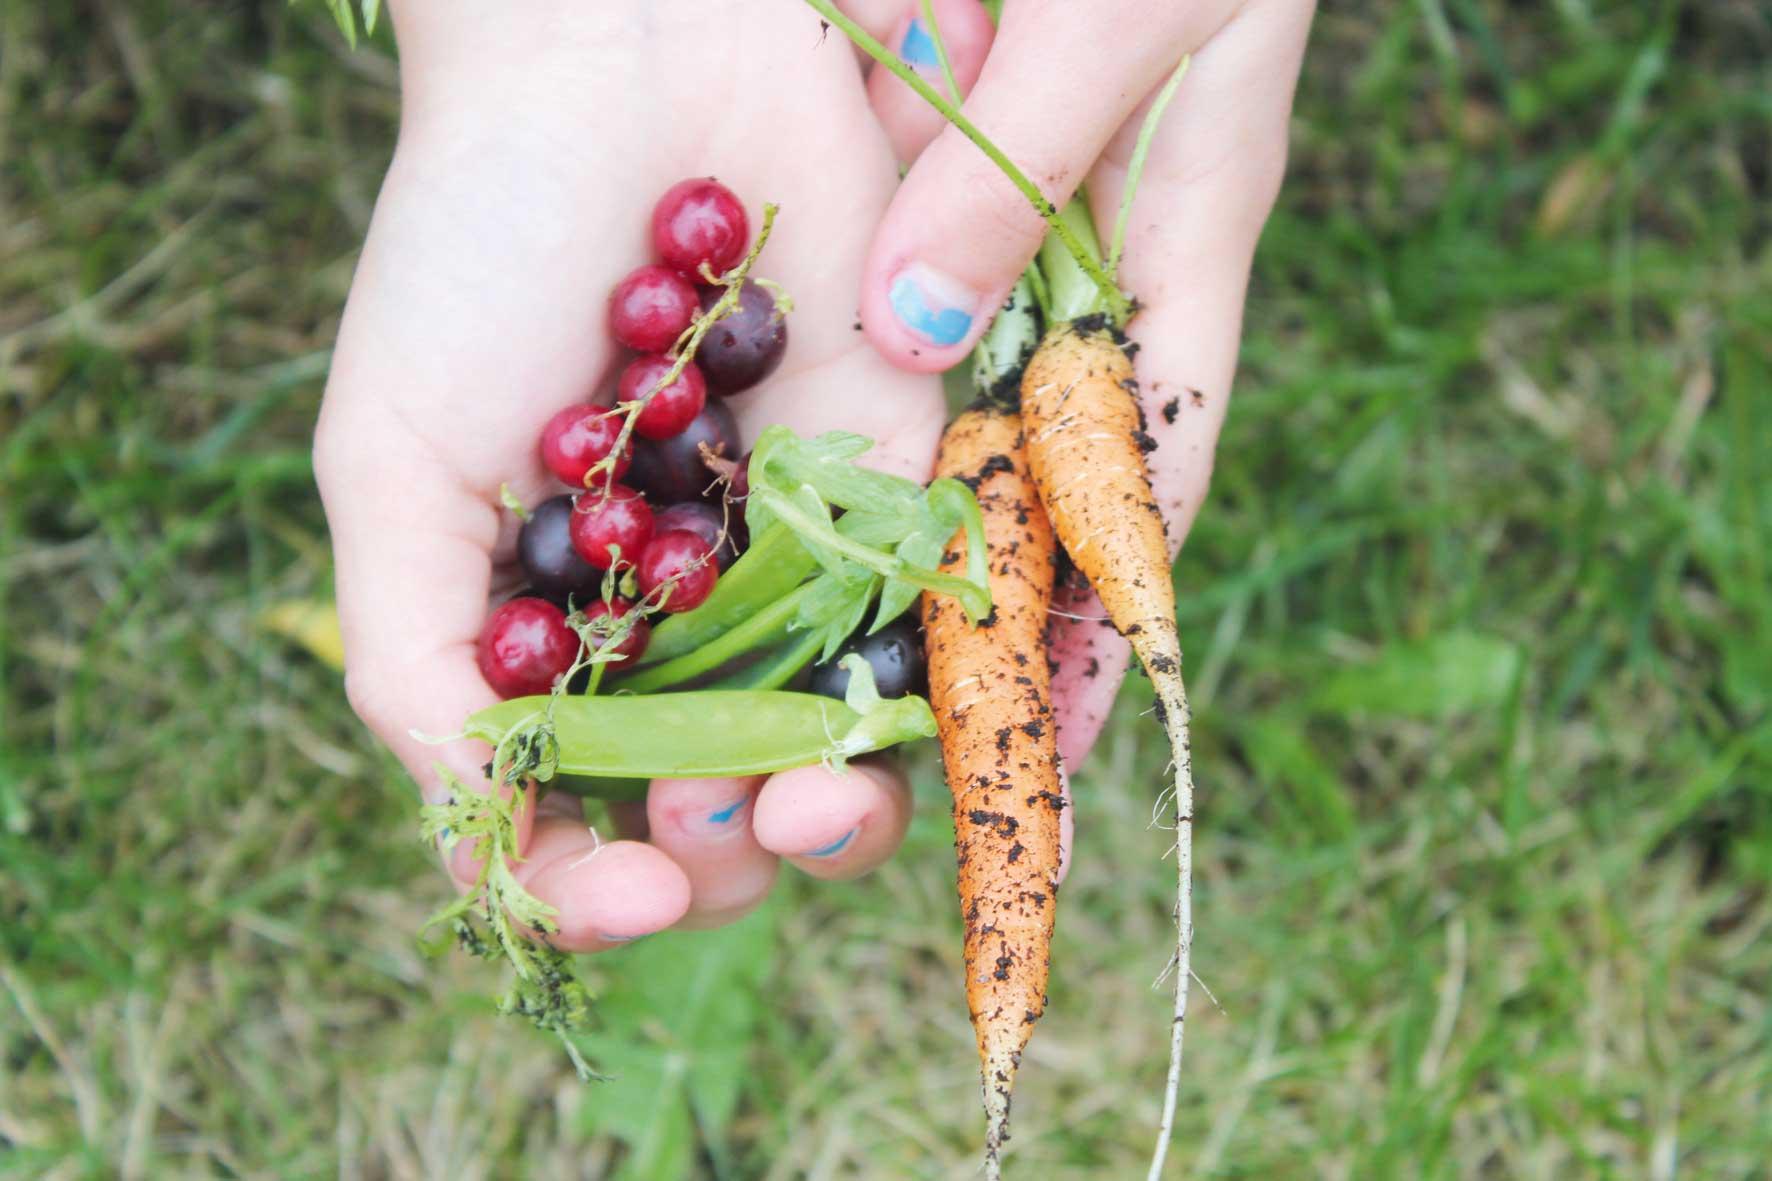 Rips, sukkererter, solbær og knaskegulrøter i ei lita hand.